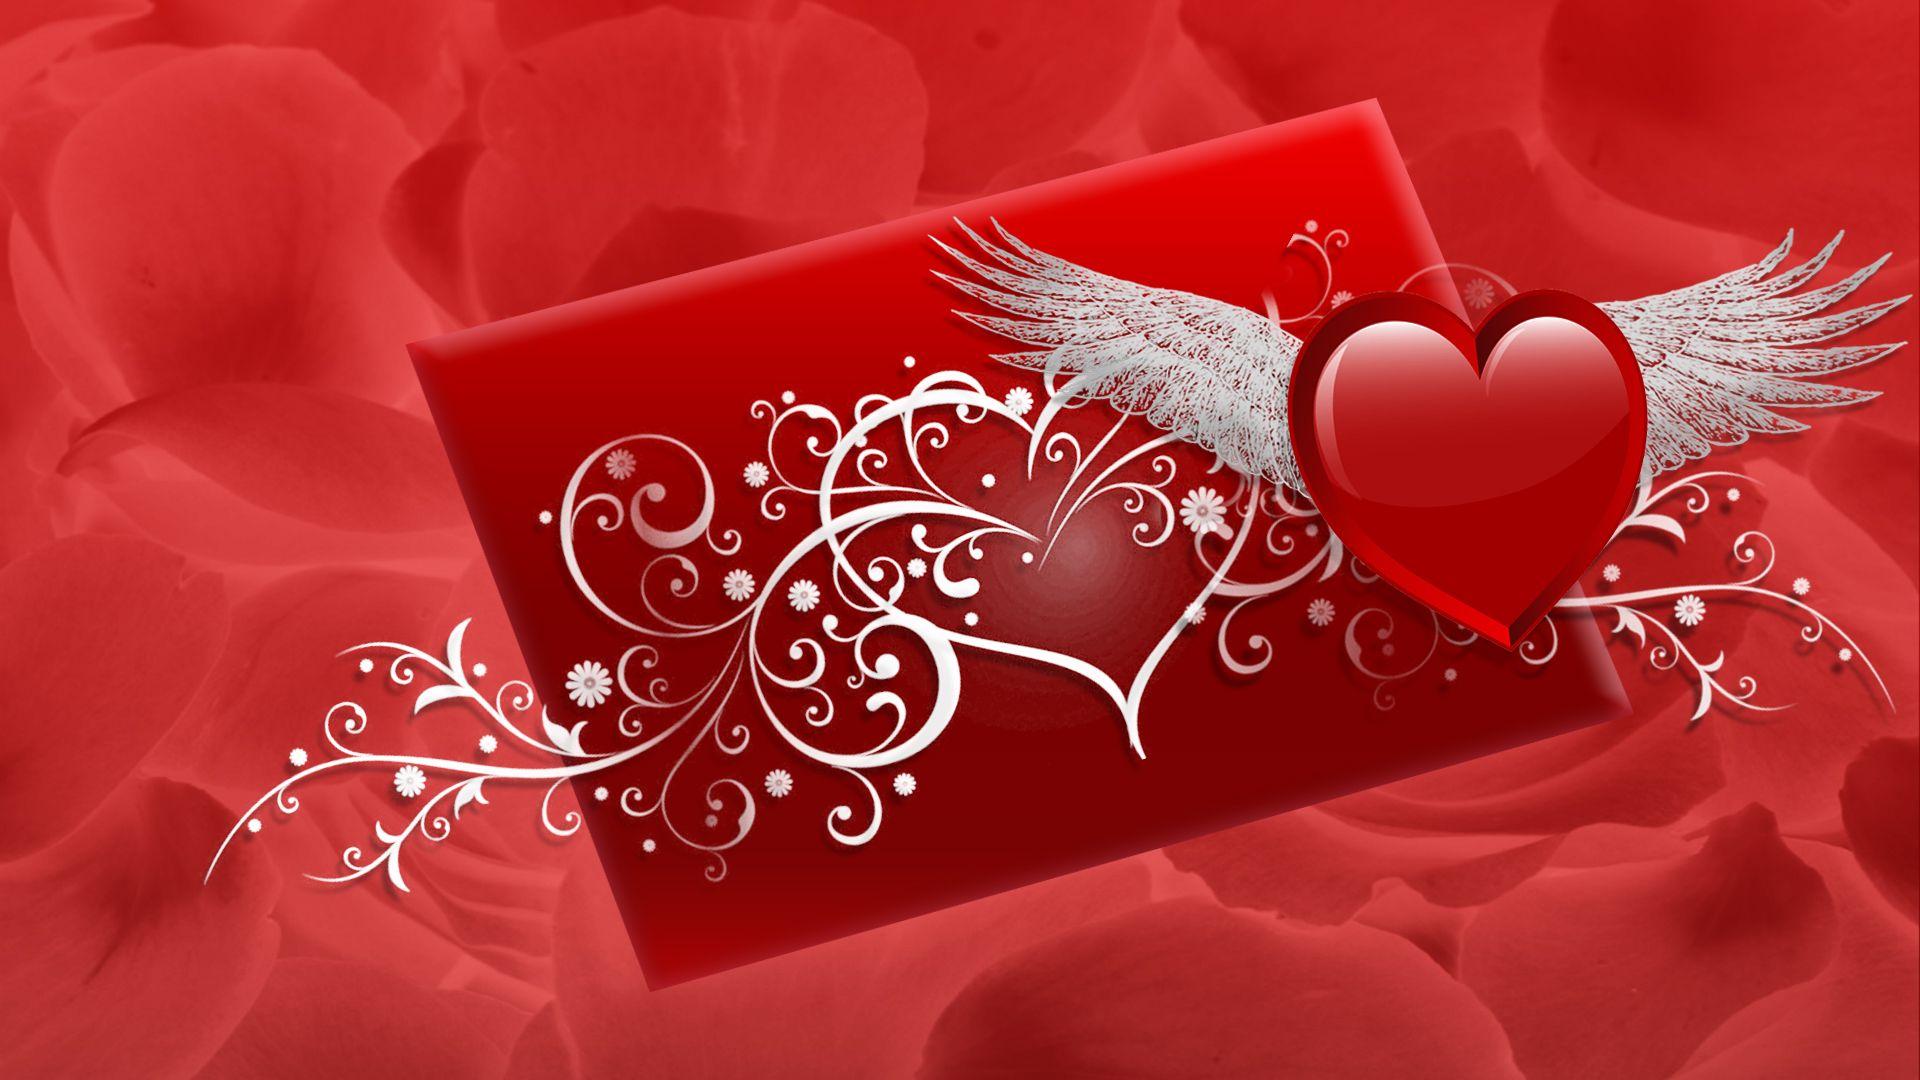 VALENTINES DAY WALLPAPER Valentine Wallpaper valentine 1920x1080